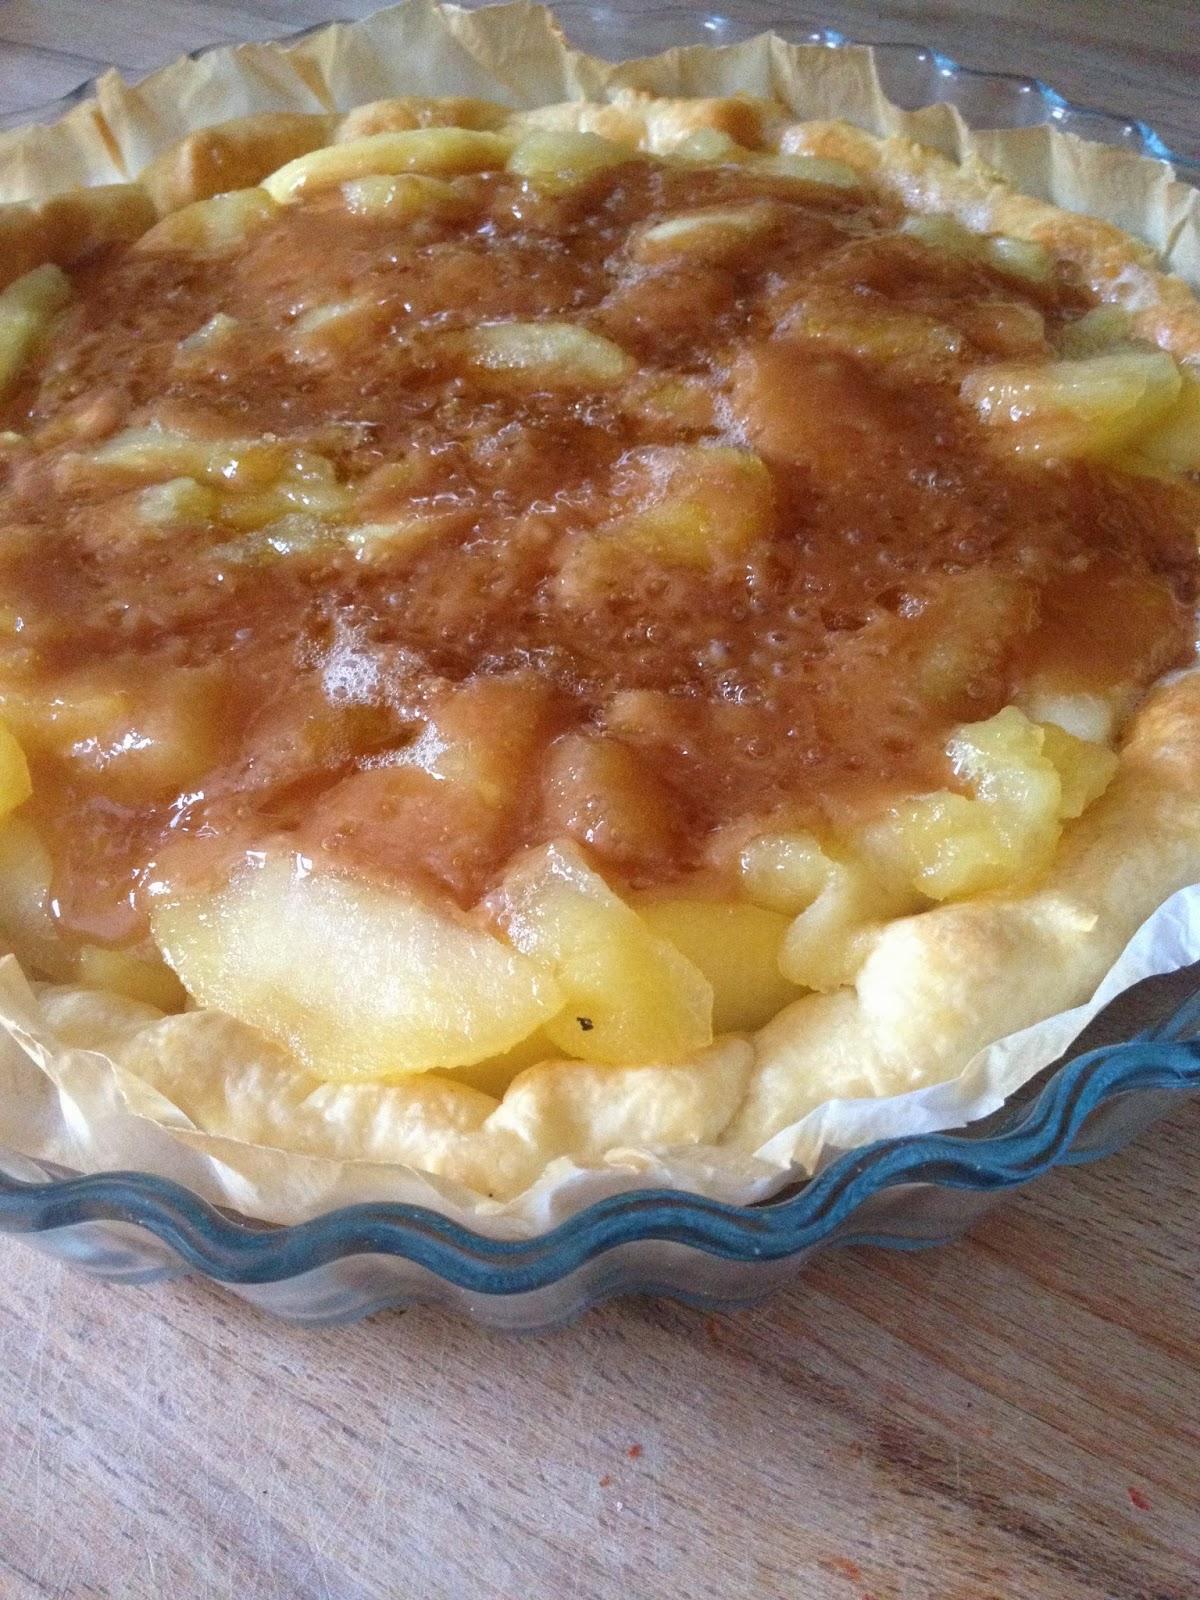 Le blog pour mes copines soupe de ma s et poulet pic for Allez cuisine translation